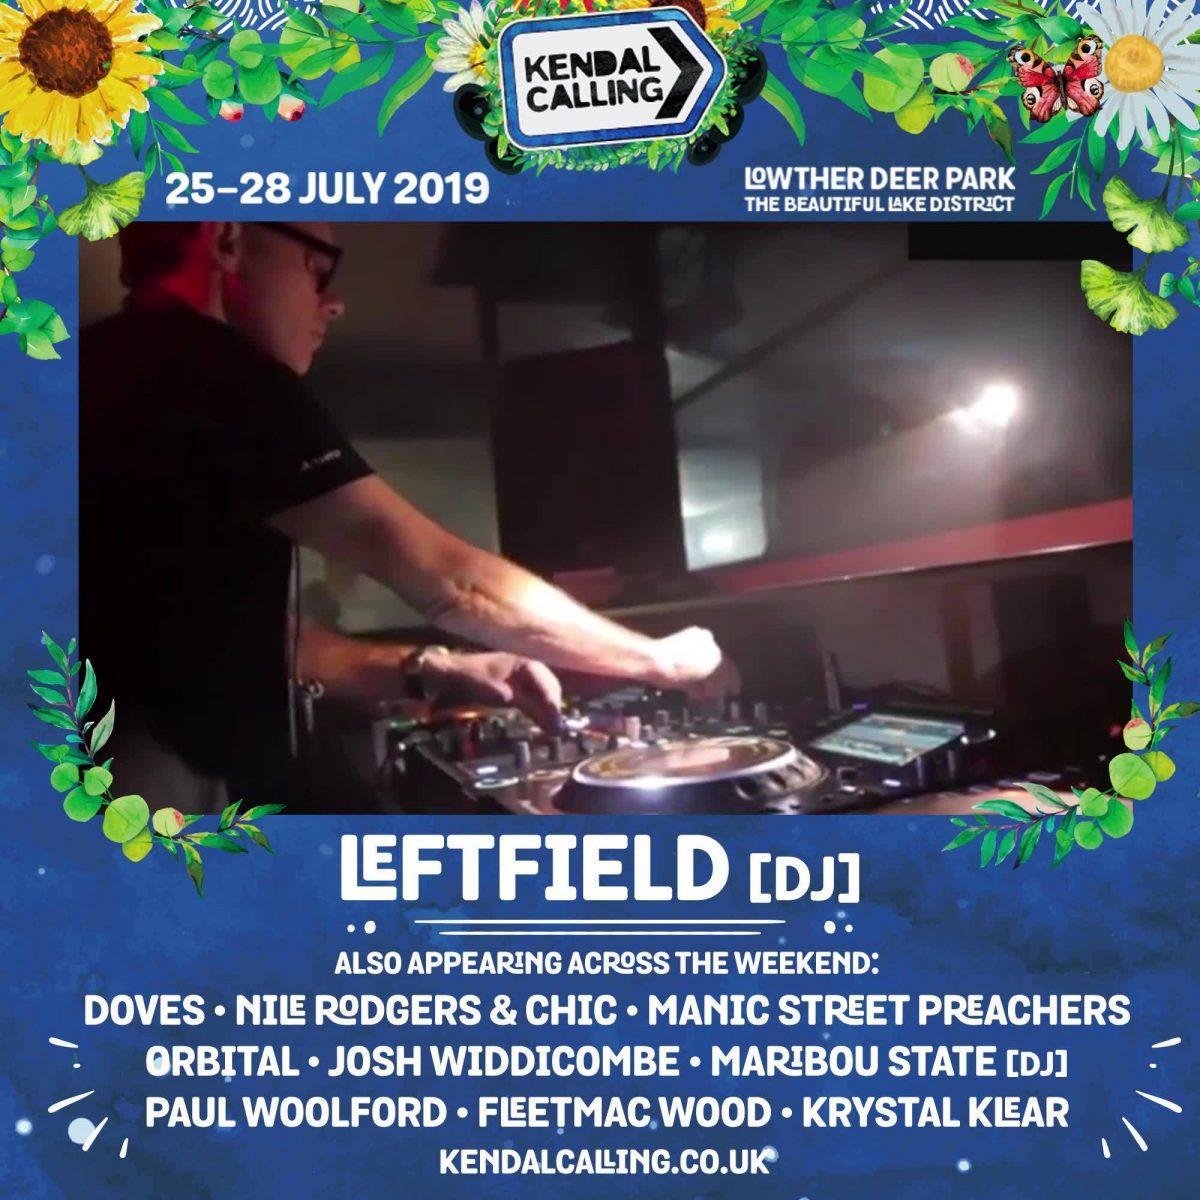 KC19: Leftfield [DJ]